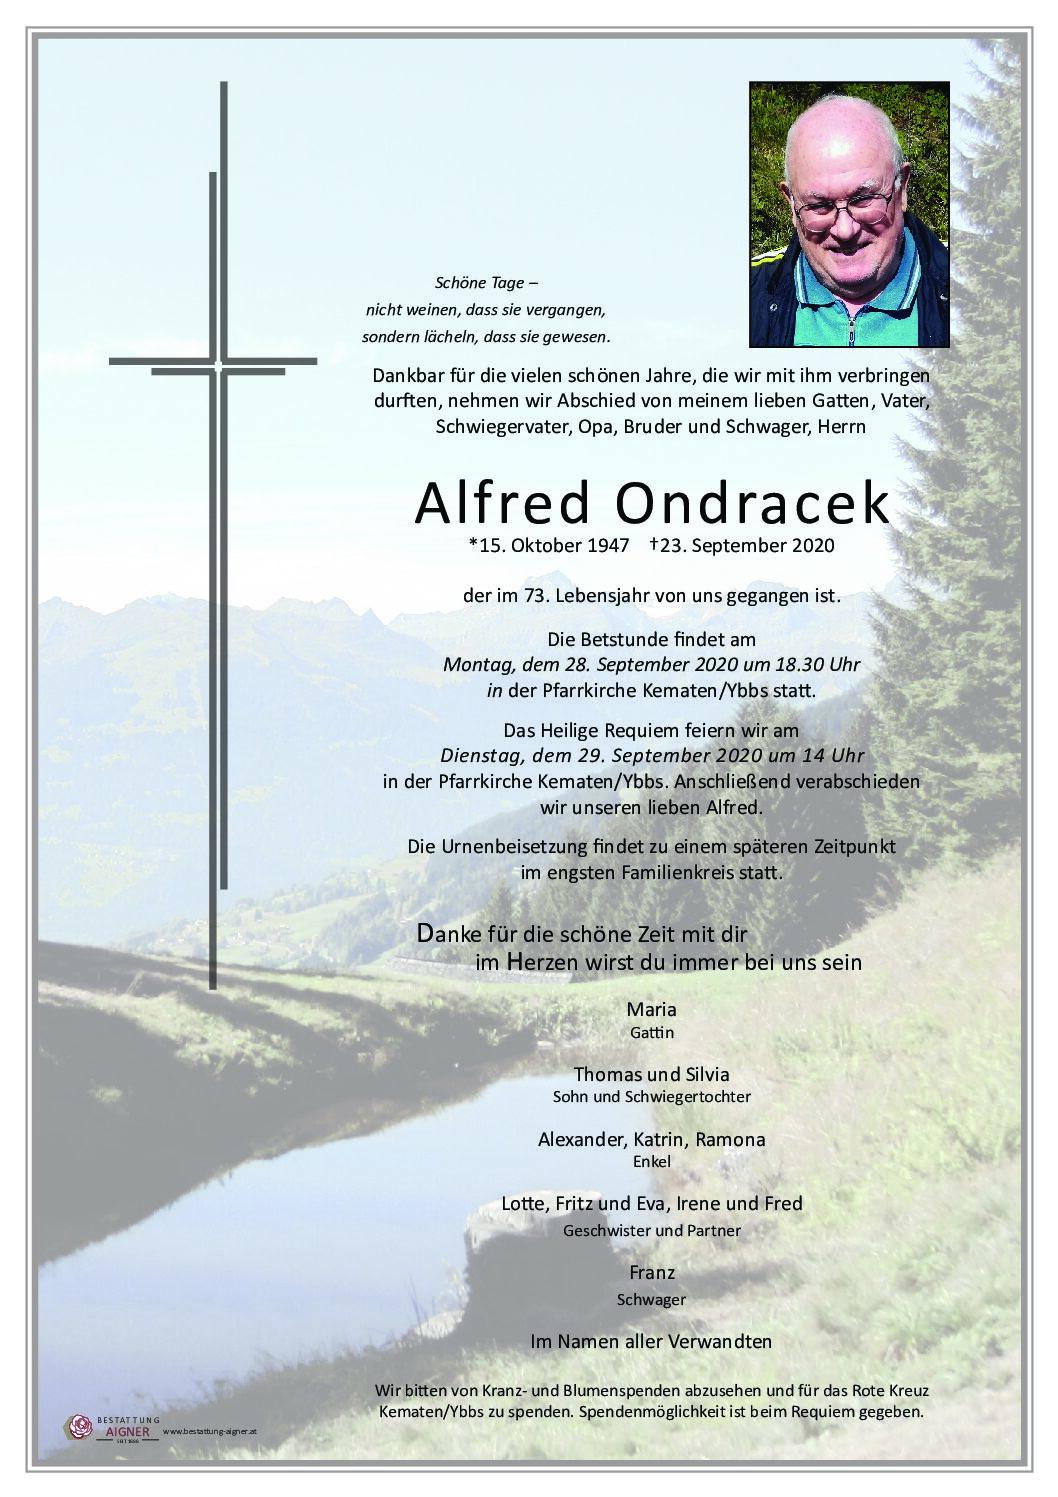 Alfred Ondracek